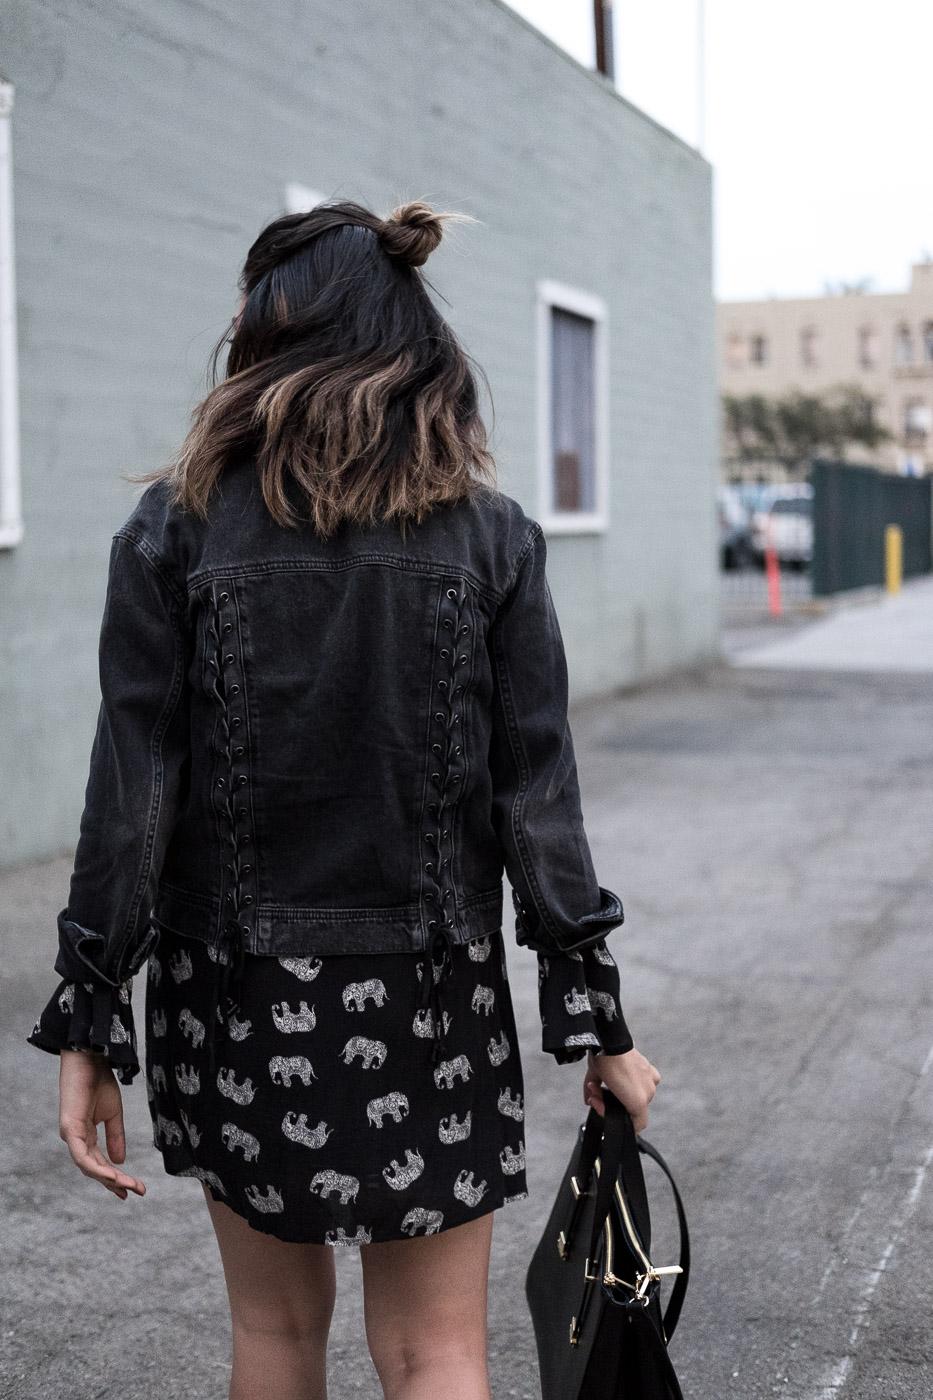 Rachel Off Duty: Back of Woman's Head Wearing Black Jacket